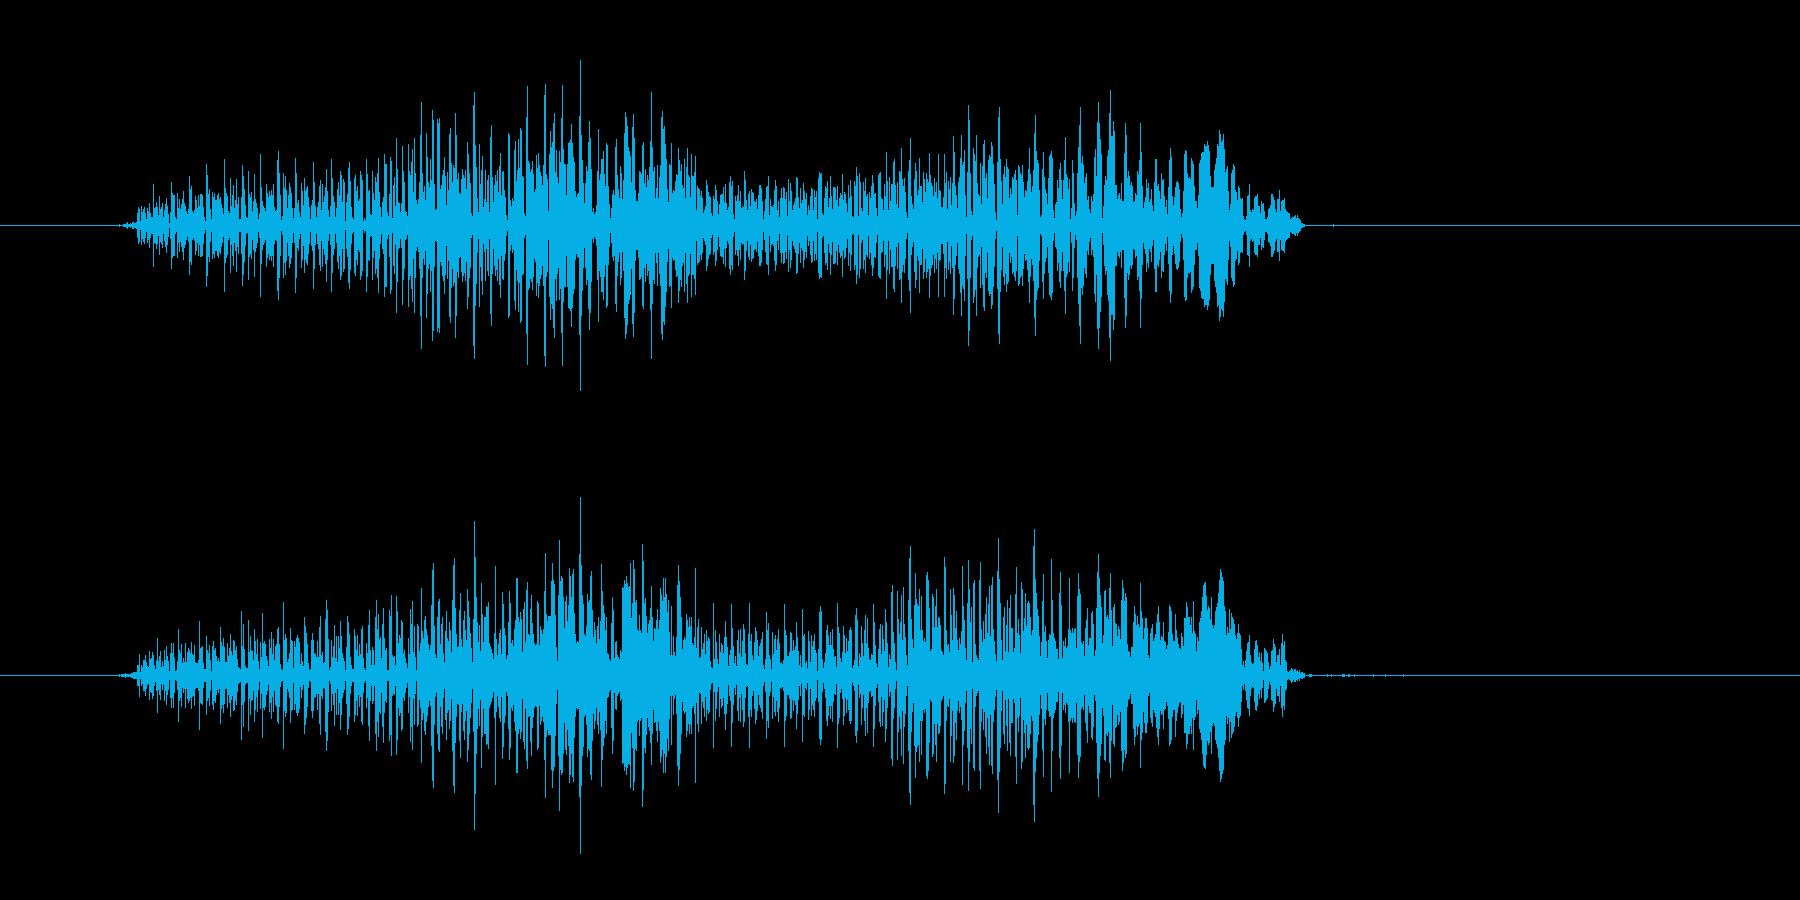 アイテム破壊時などのダイアログ表示の音の再生済みの波形